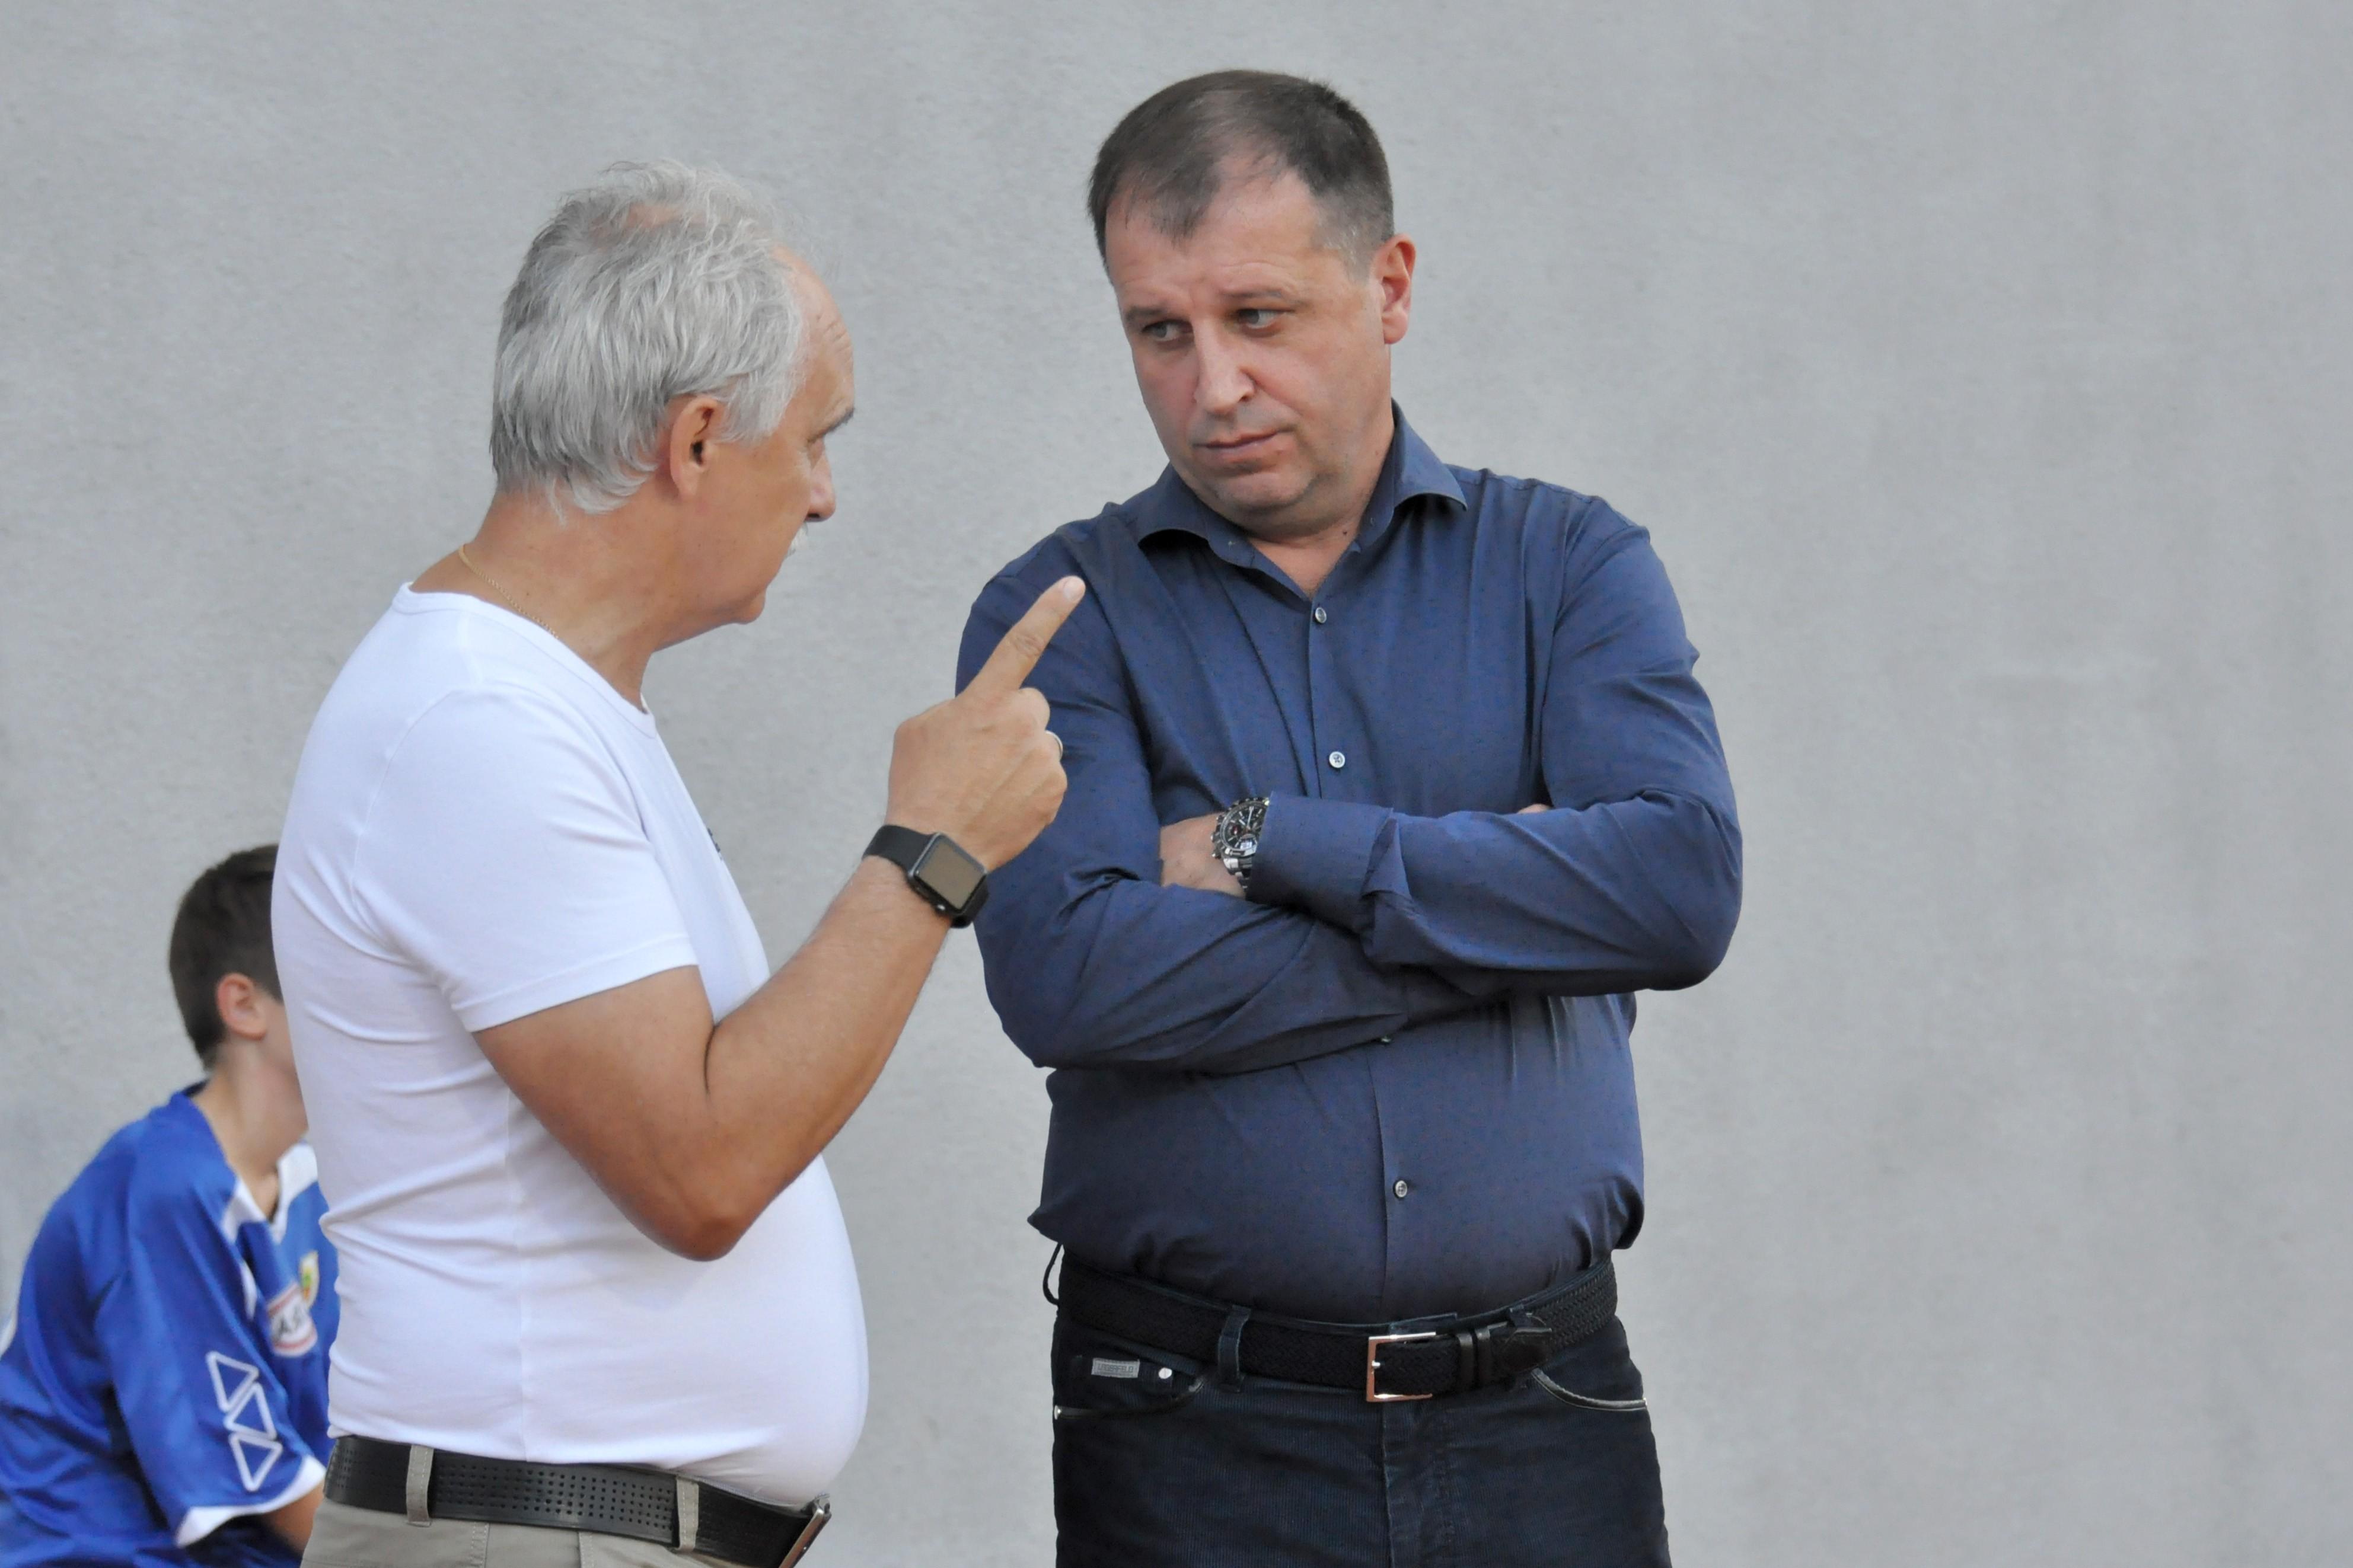 Юрий Вернидуб: Если Керницкий считает себя честным и мудрым человеком, пусть скажет правду - изображение 4